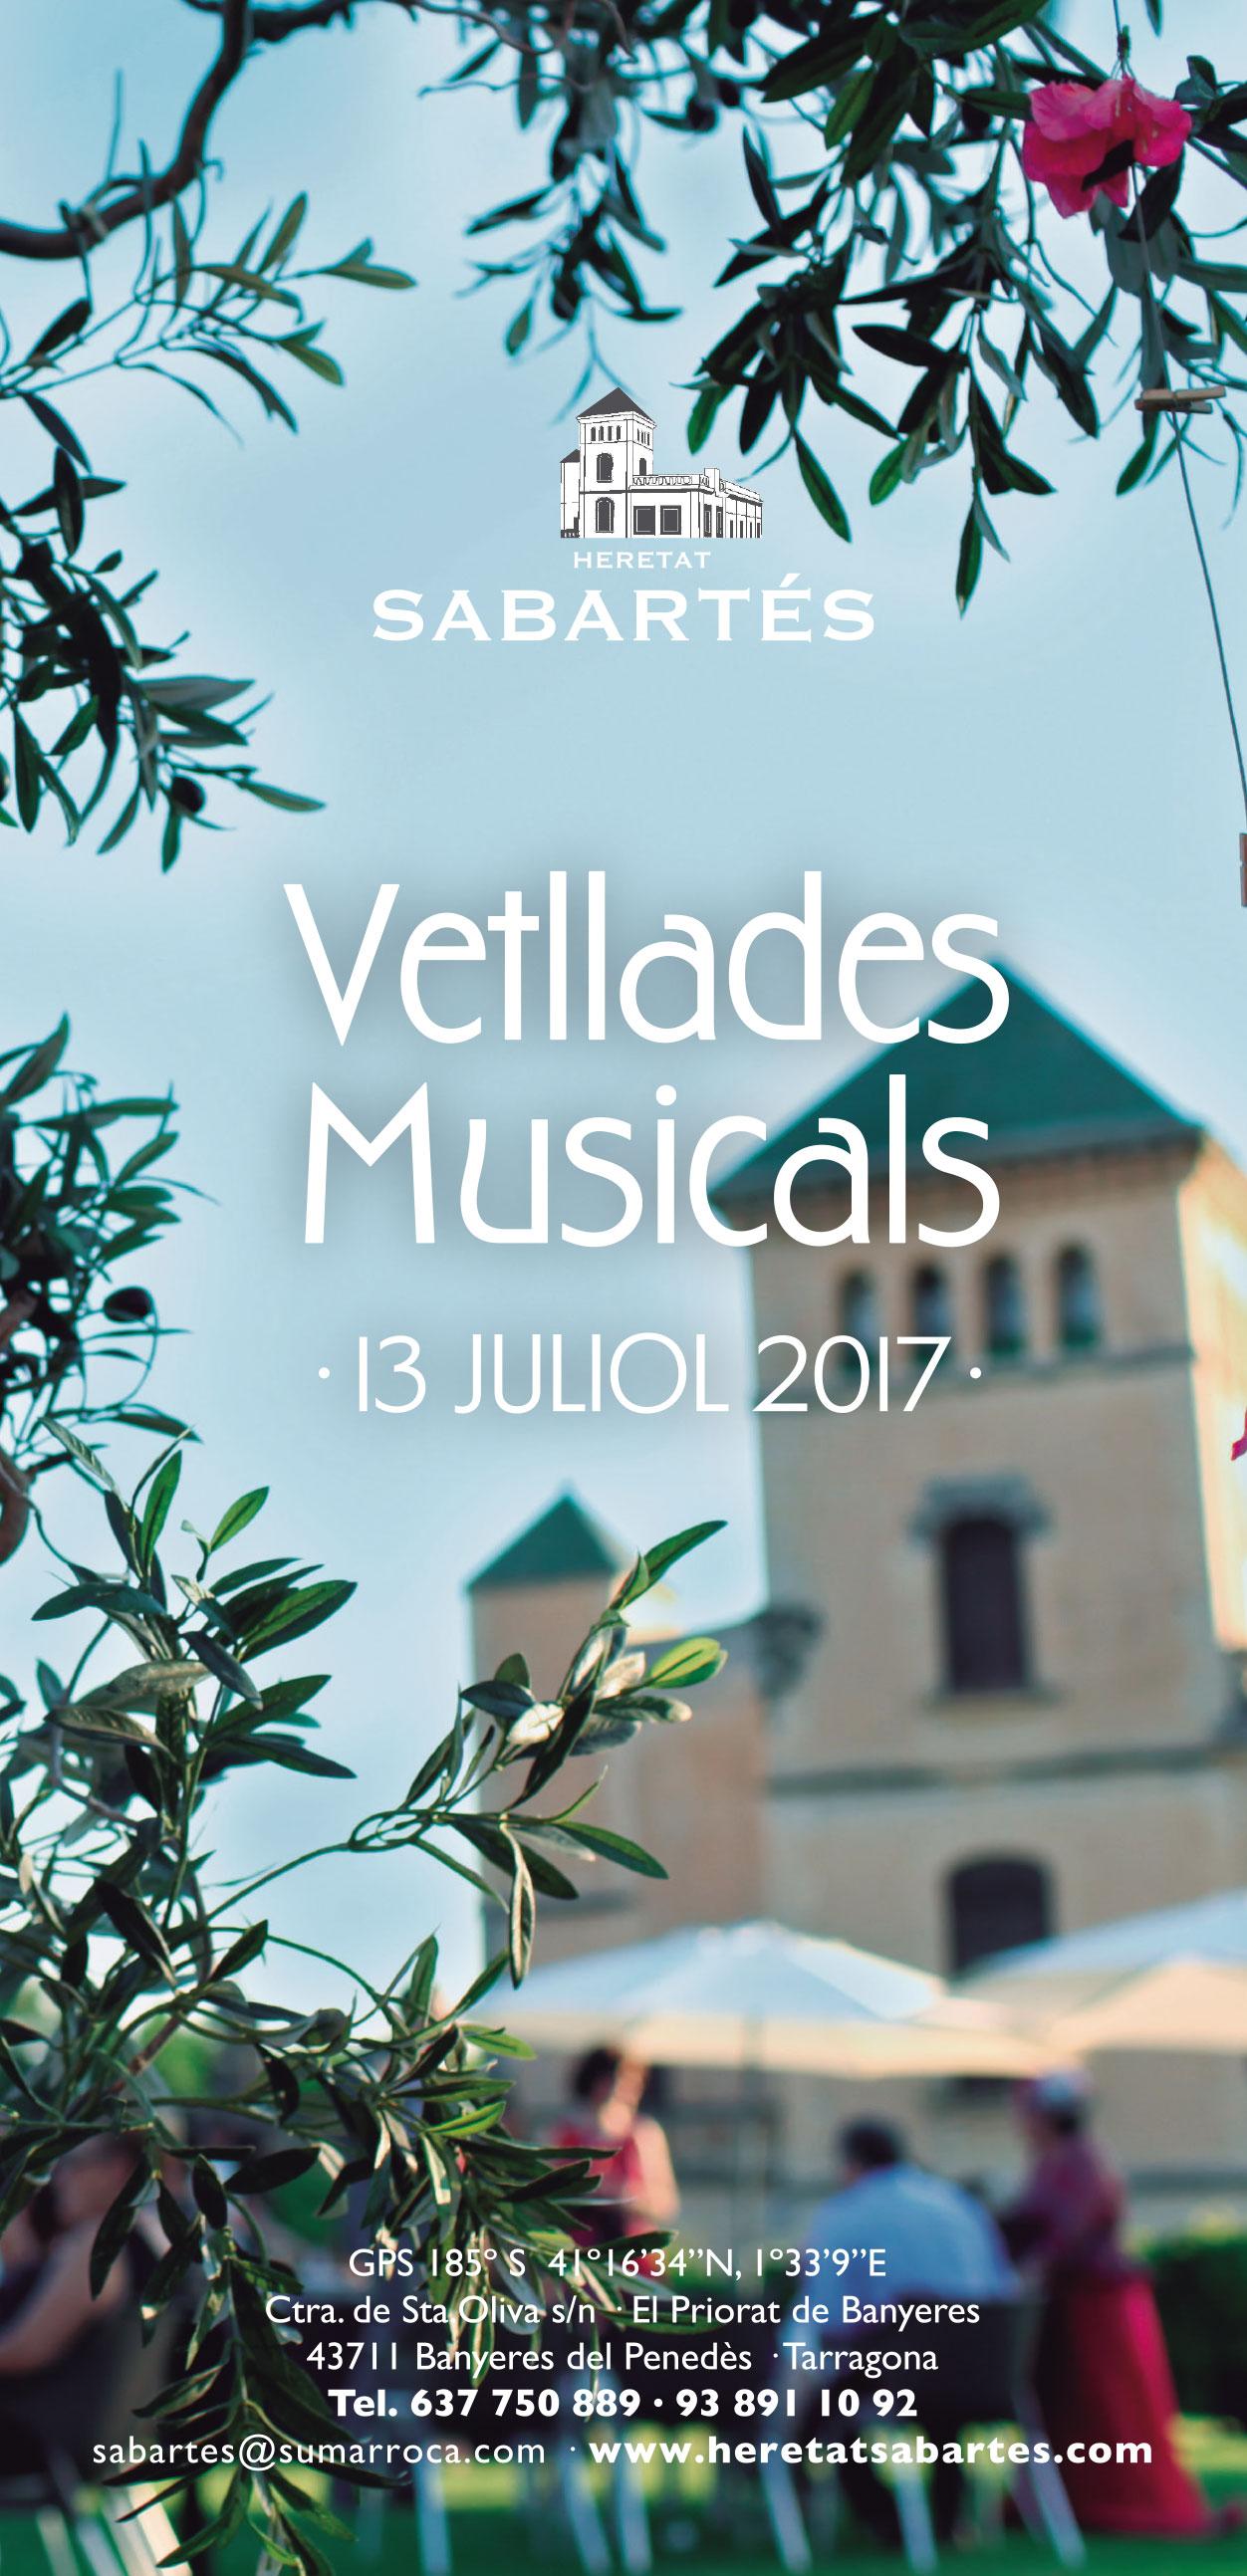 Tornen les Vetllades Musicals a Heretat Sabartés